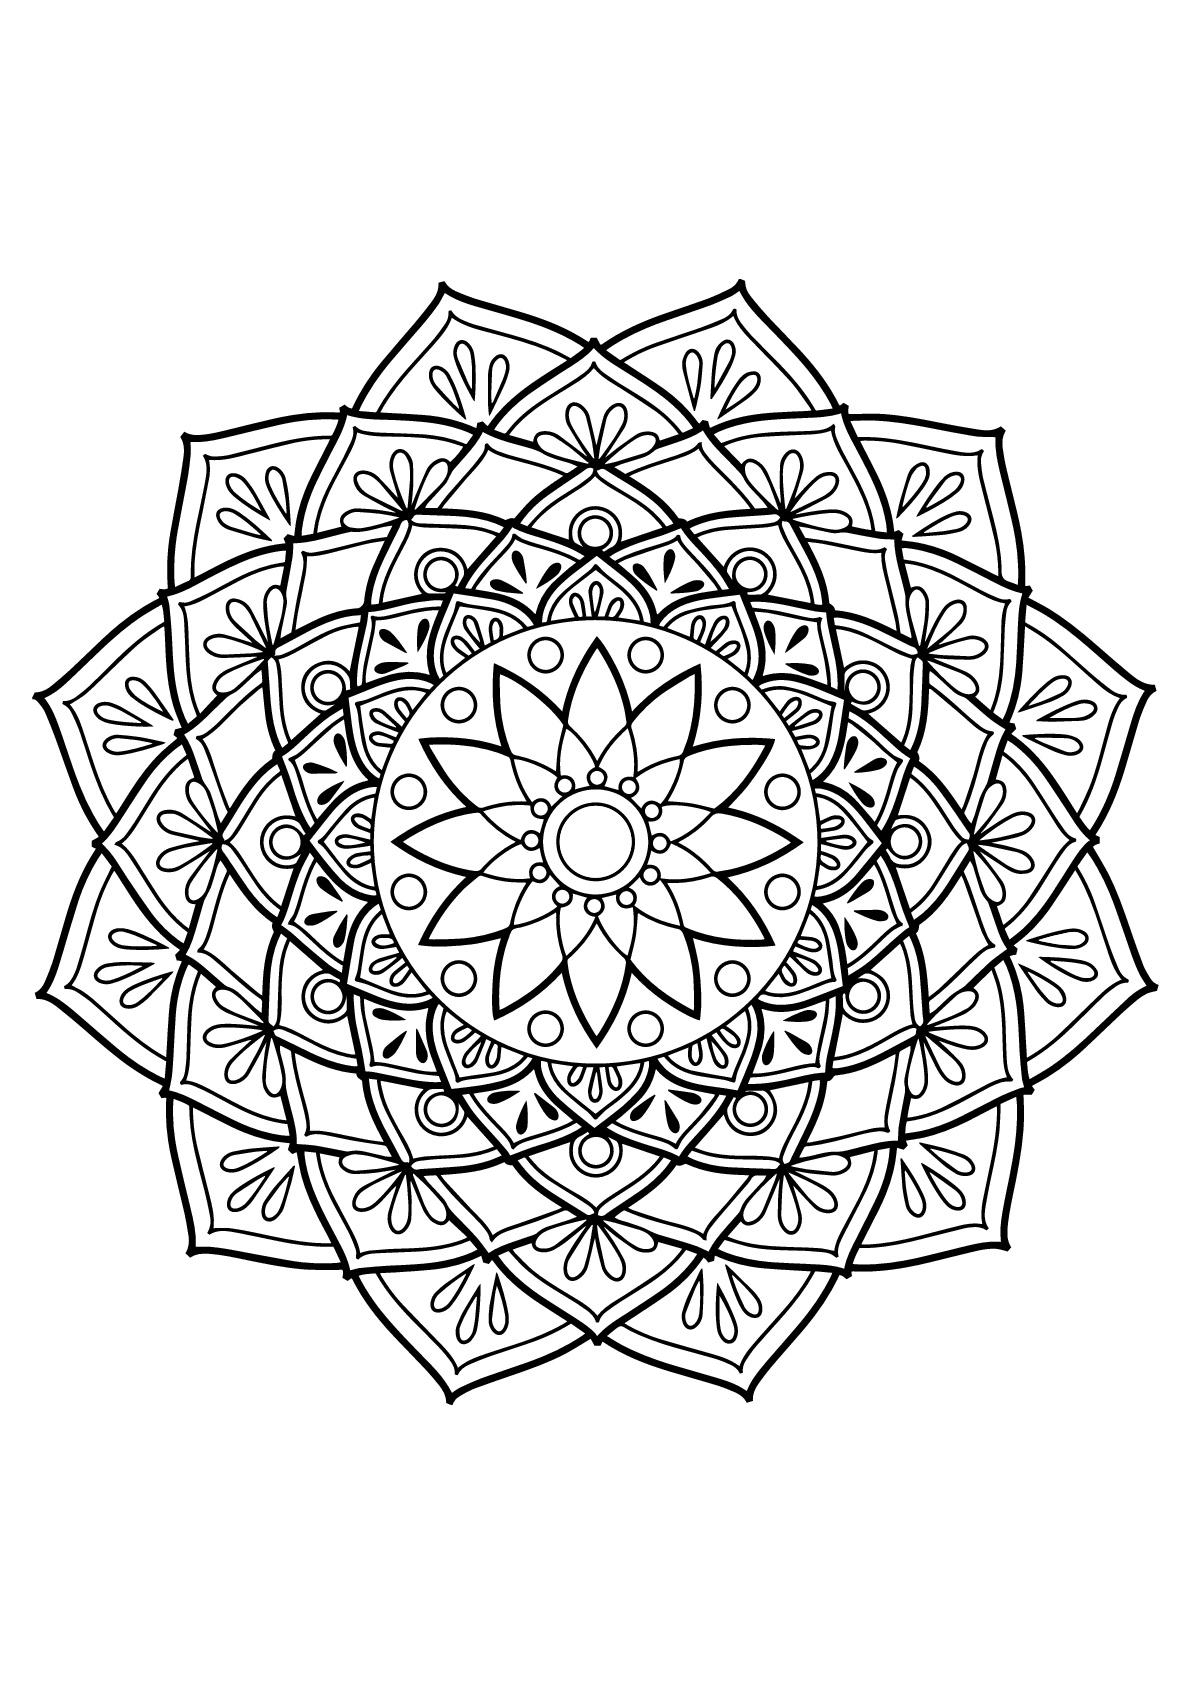 Disegni da colorare per adulti : Mandalas - 19